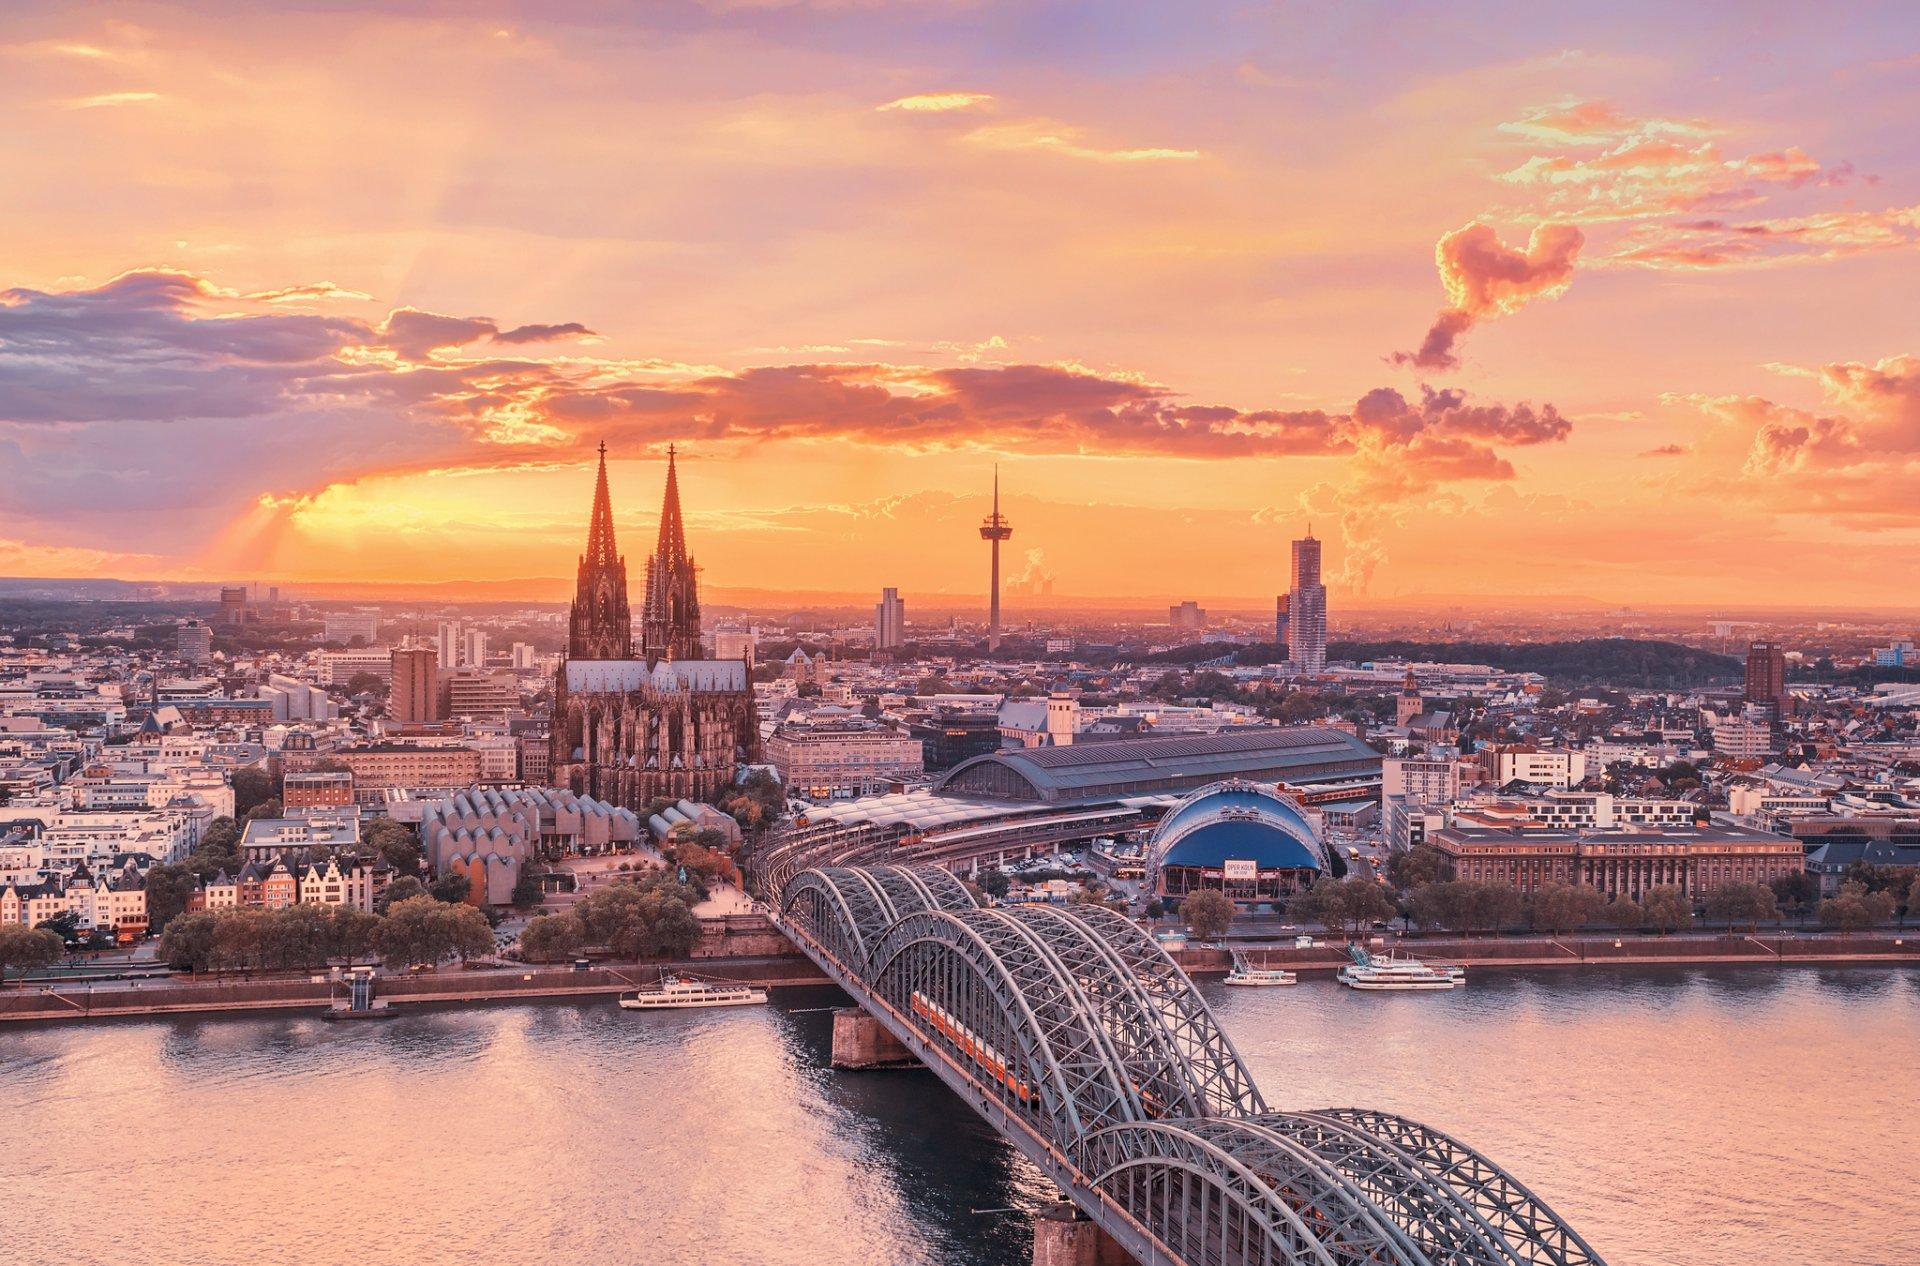 Картинки красивых городов мира на рабочий стол, открыткам новому году